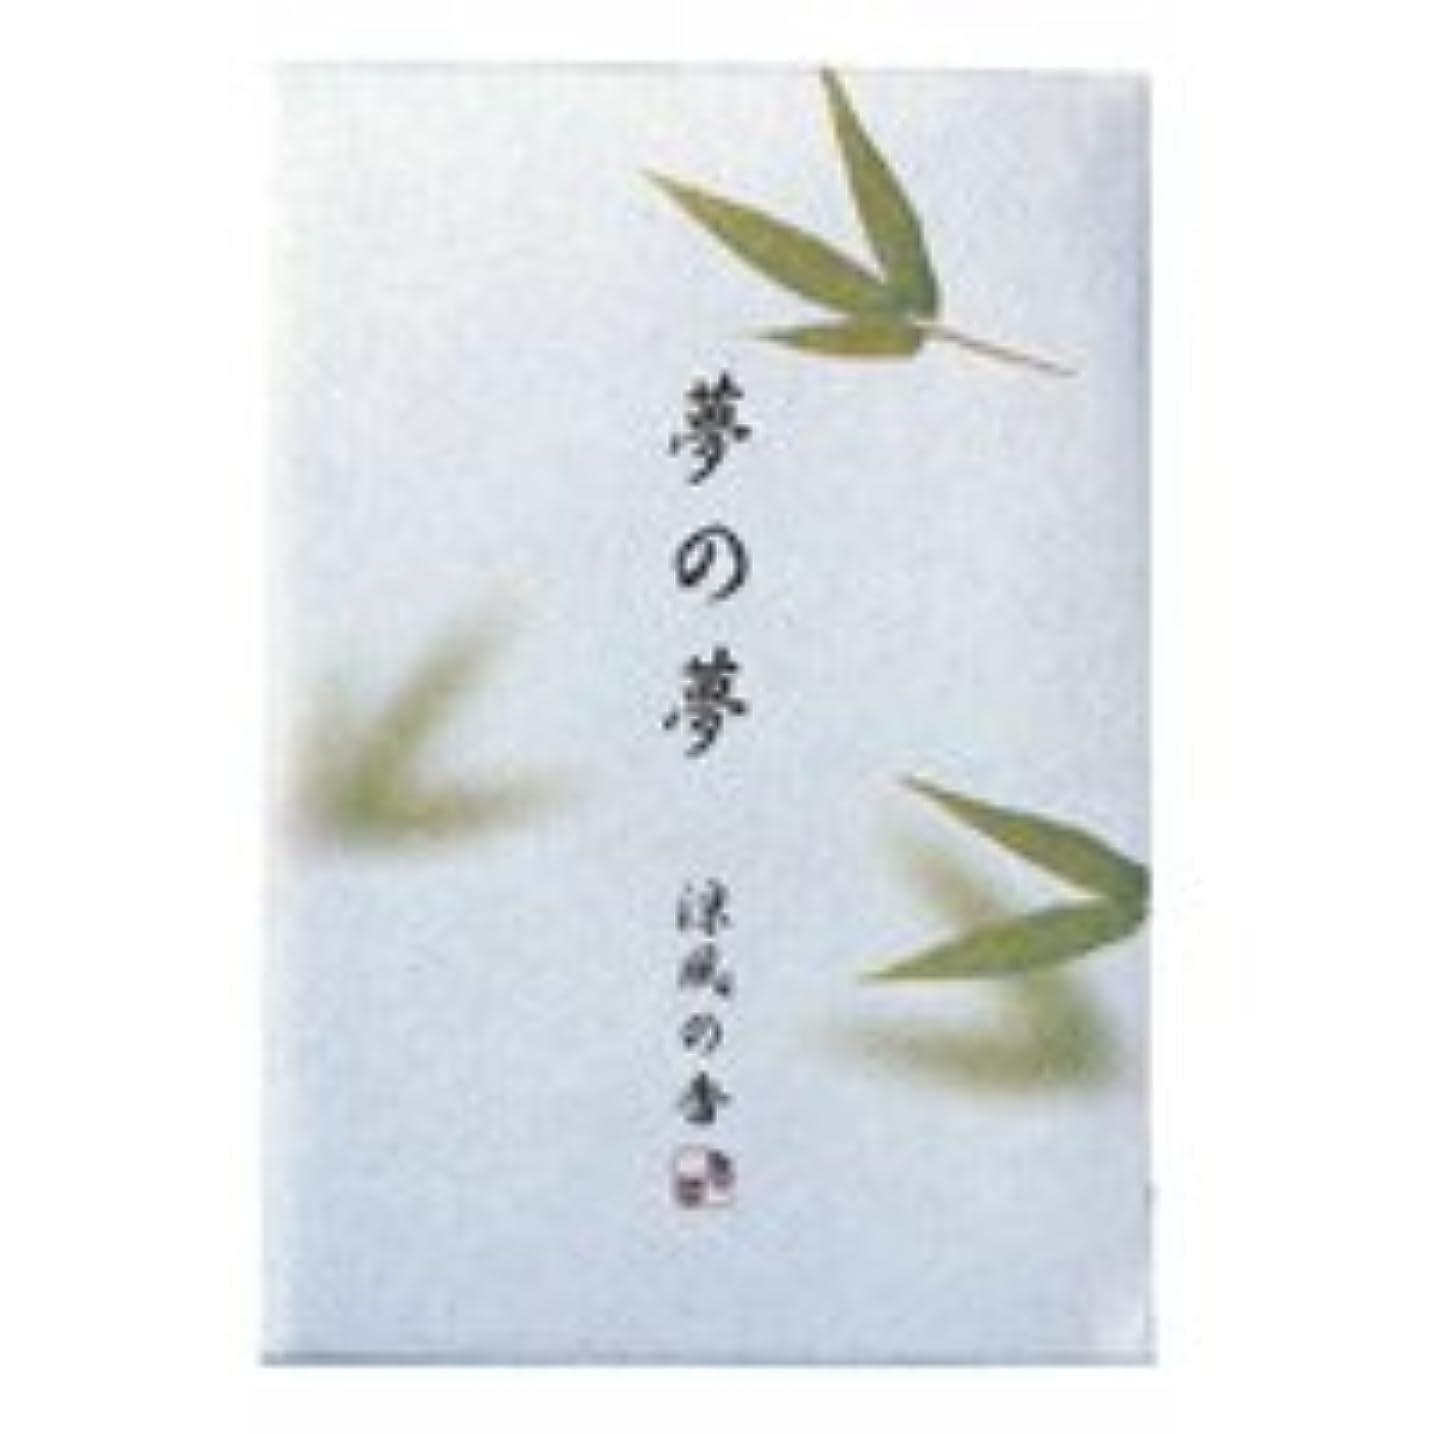 純粋に韻より平らな【日本香堂】夢の夢 涼風の香(すずかぜ) お香 スティック 12本